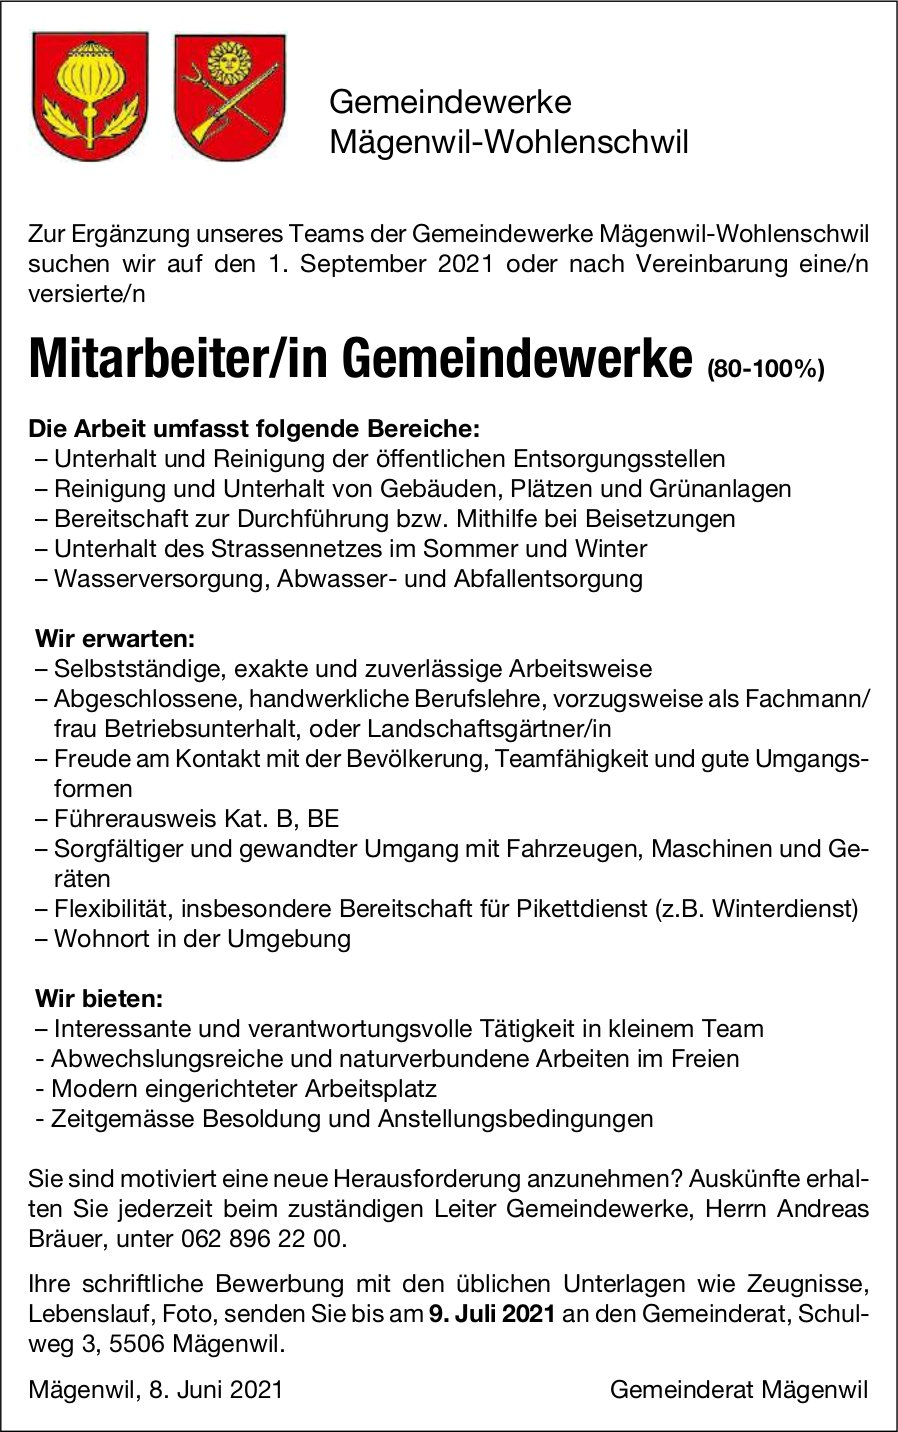 Mitarbeiter/in Gemeindewerke (80-100%), Gemeinde, Mägenwil-Wohlenschwil, gesucht